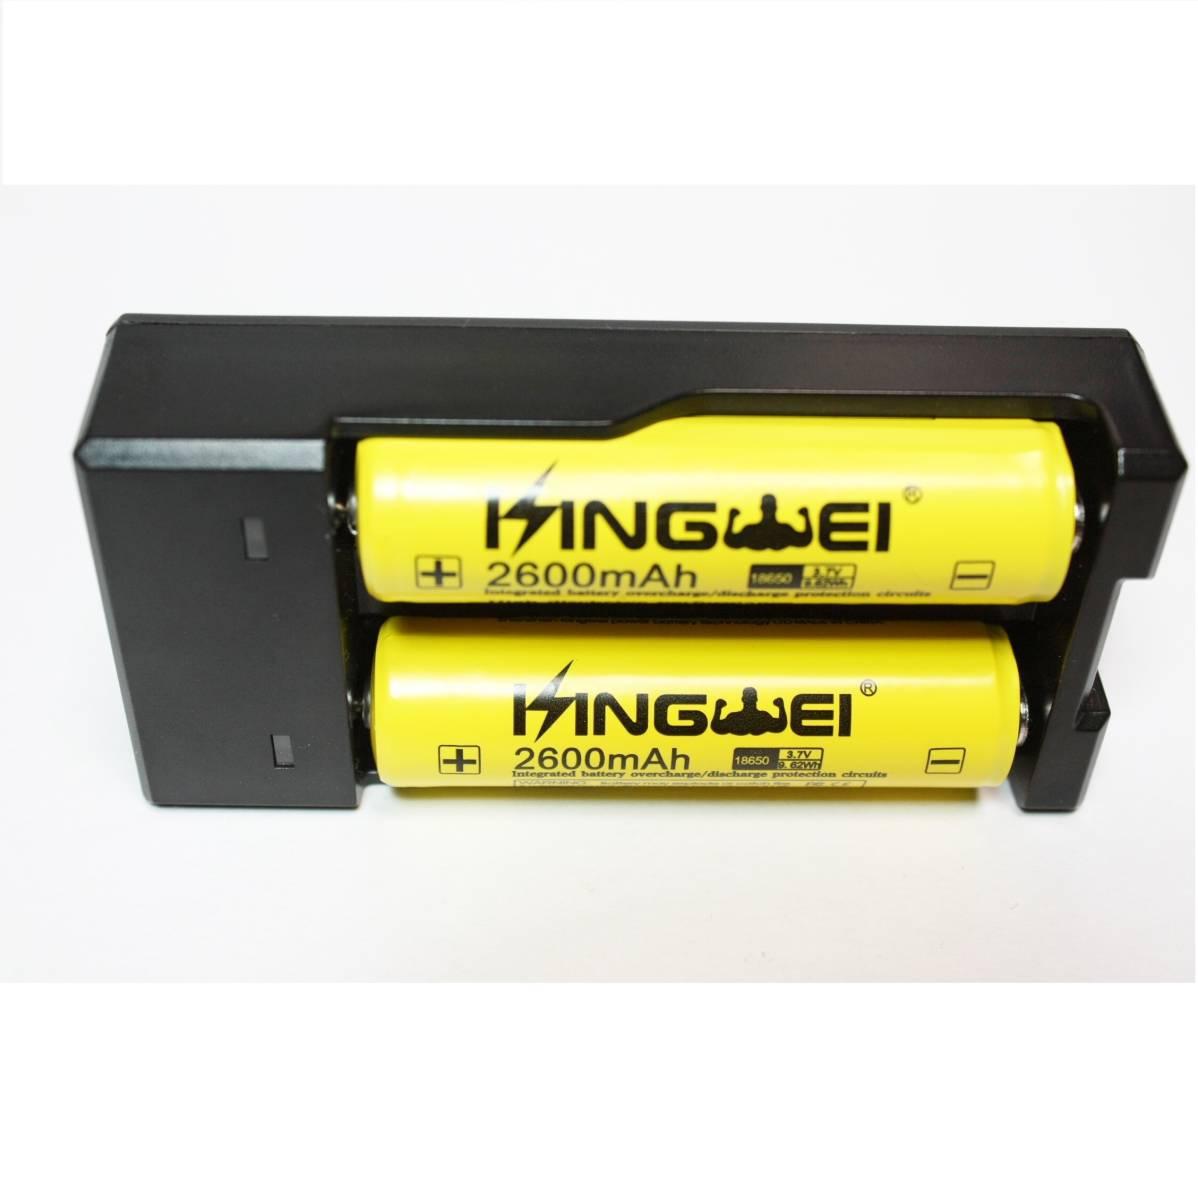 正規容量 18650 経済産業省適合品 リチウムイオン 充電池 2本 + 急速充電器 バッテリー 懐中電灯 ヘッドライト g03_画像2